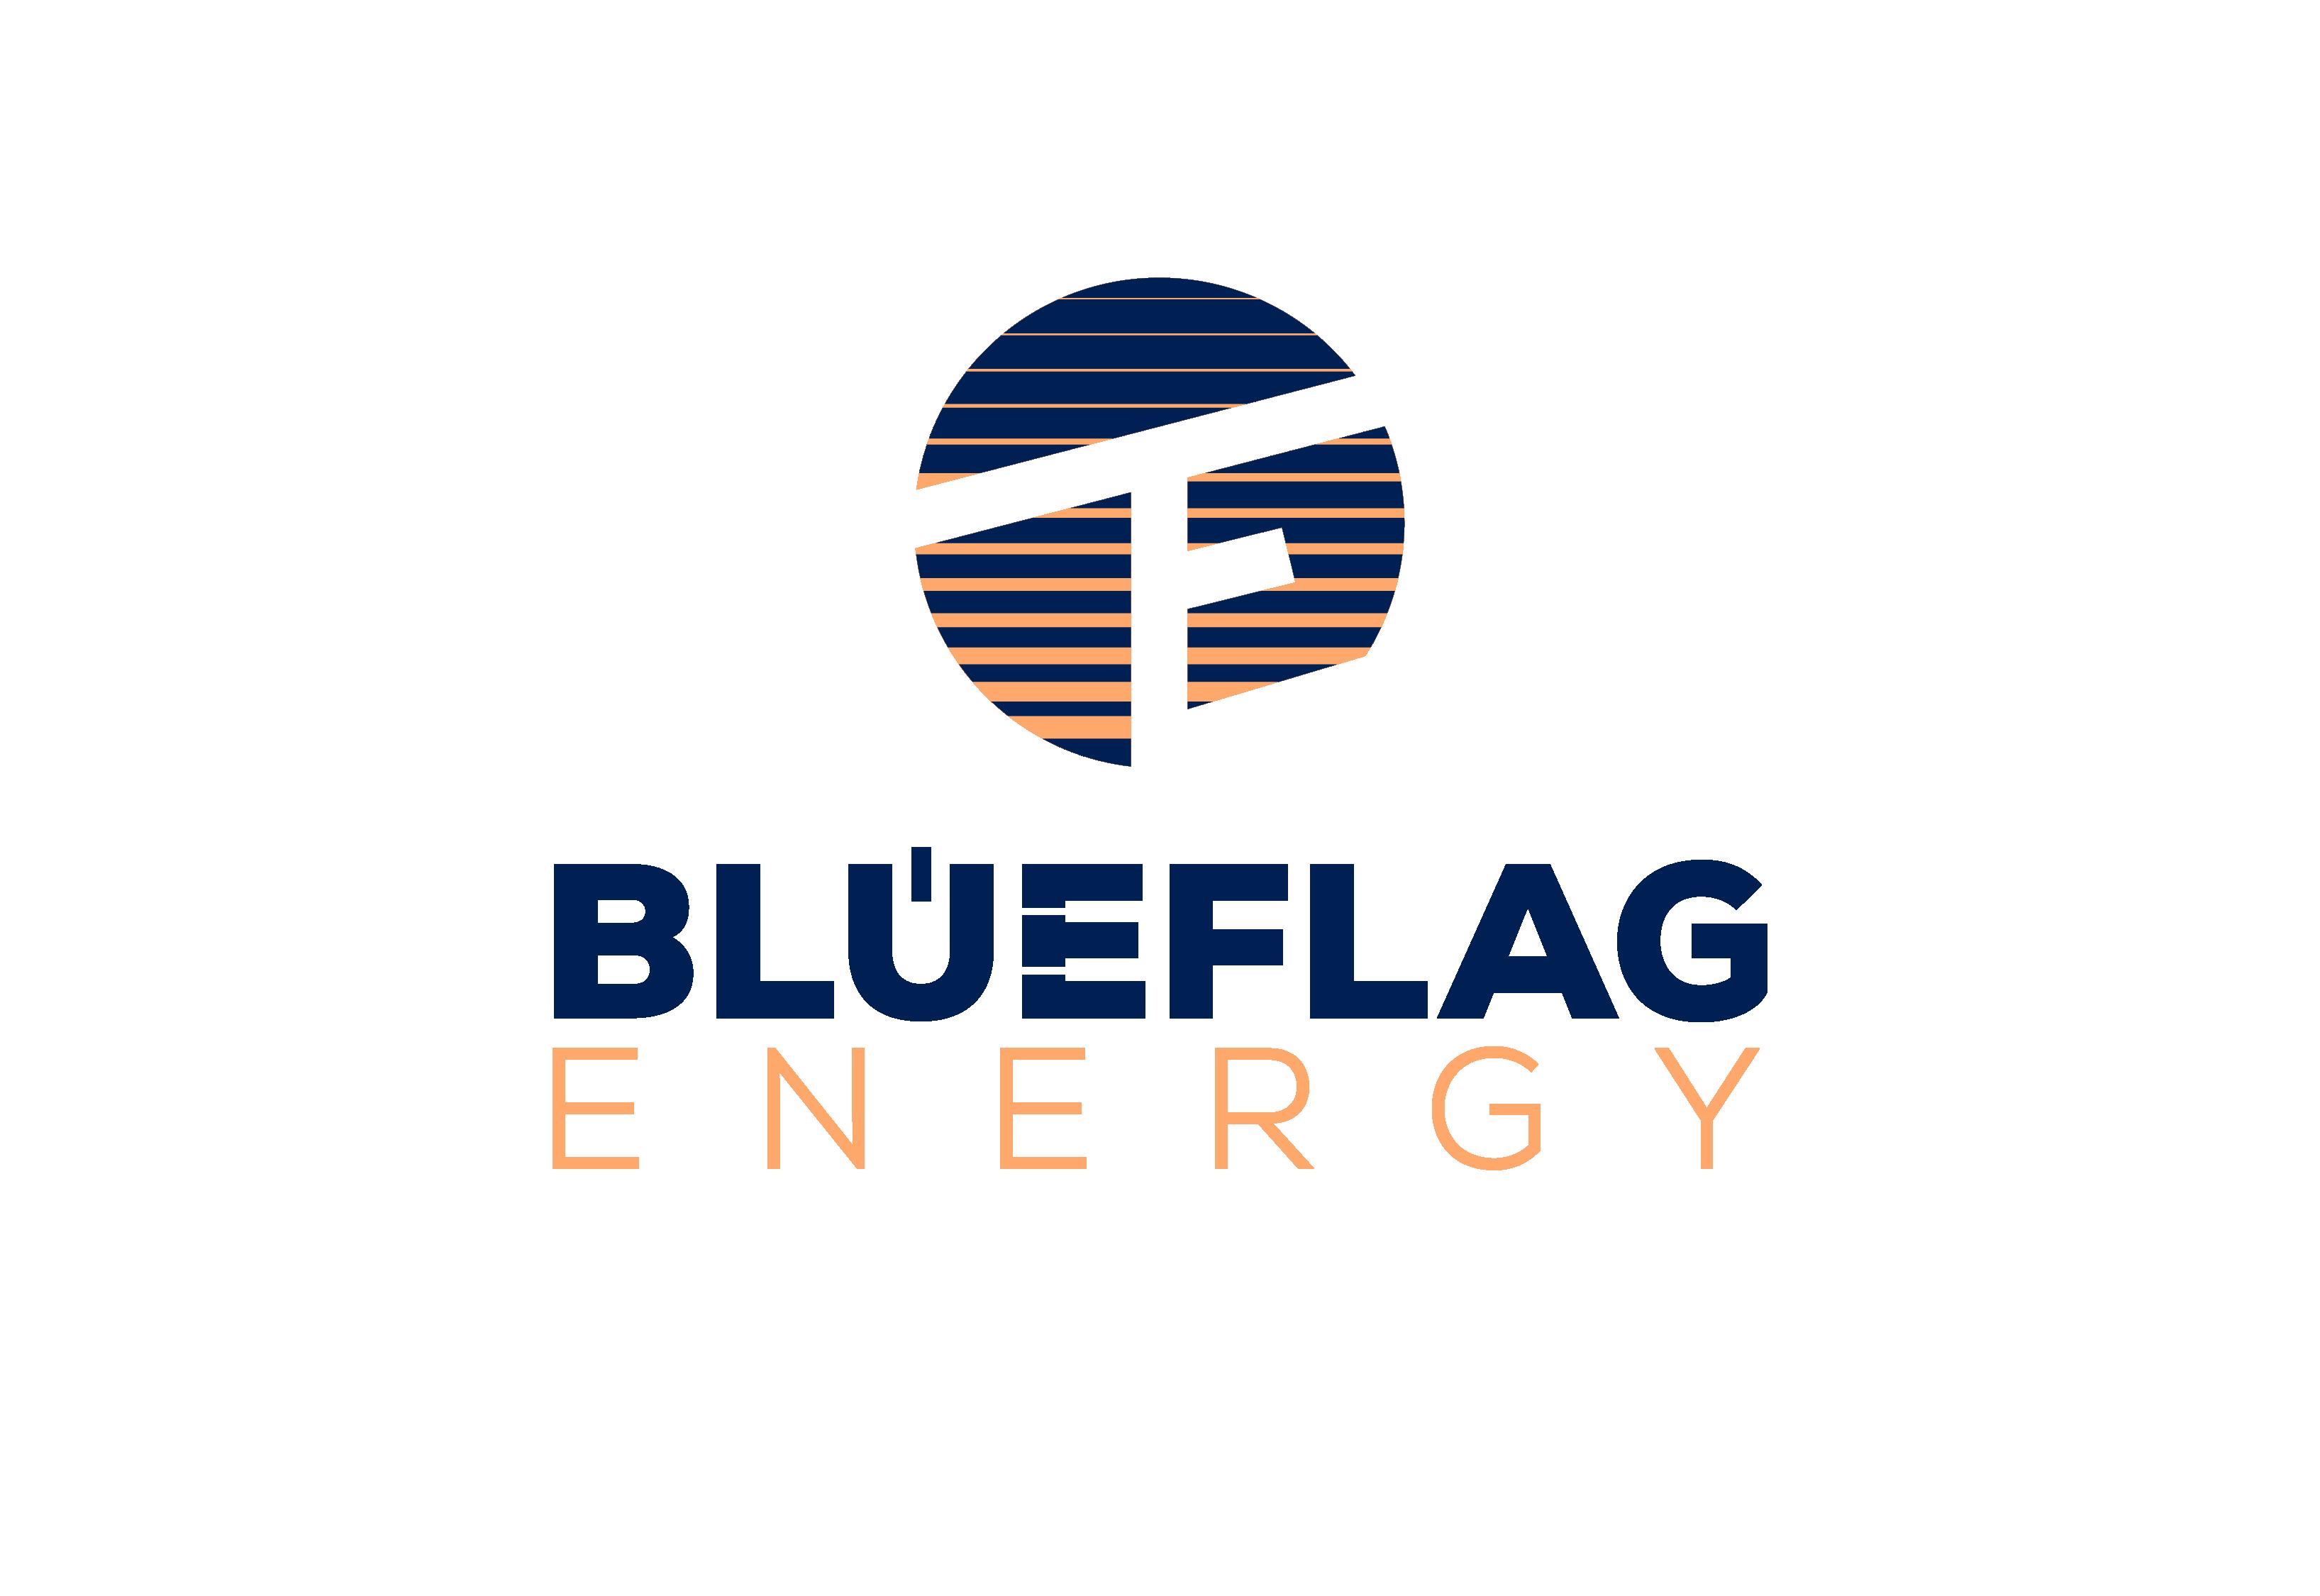 Blueflag Energy